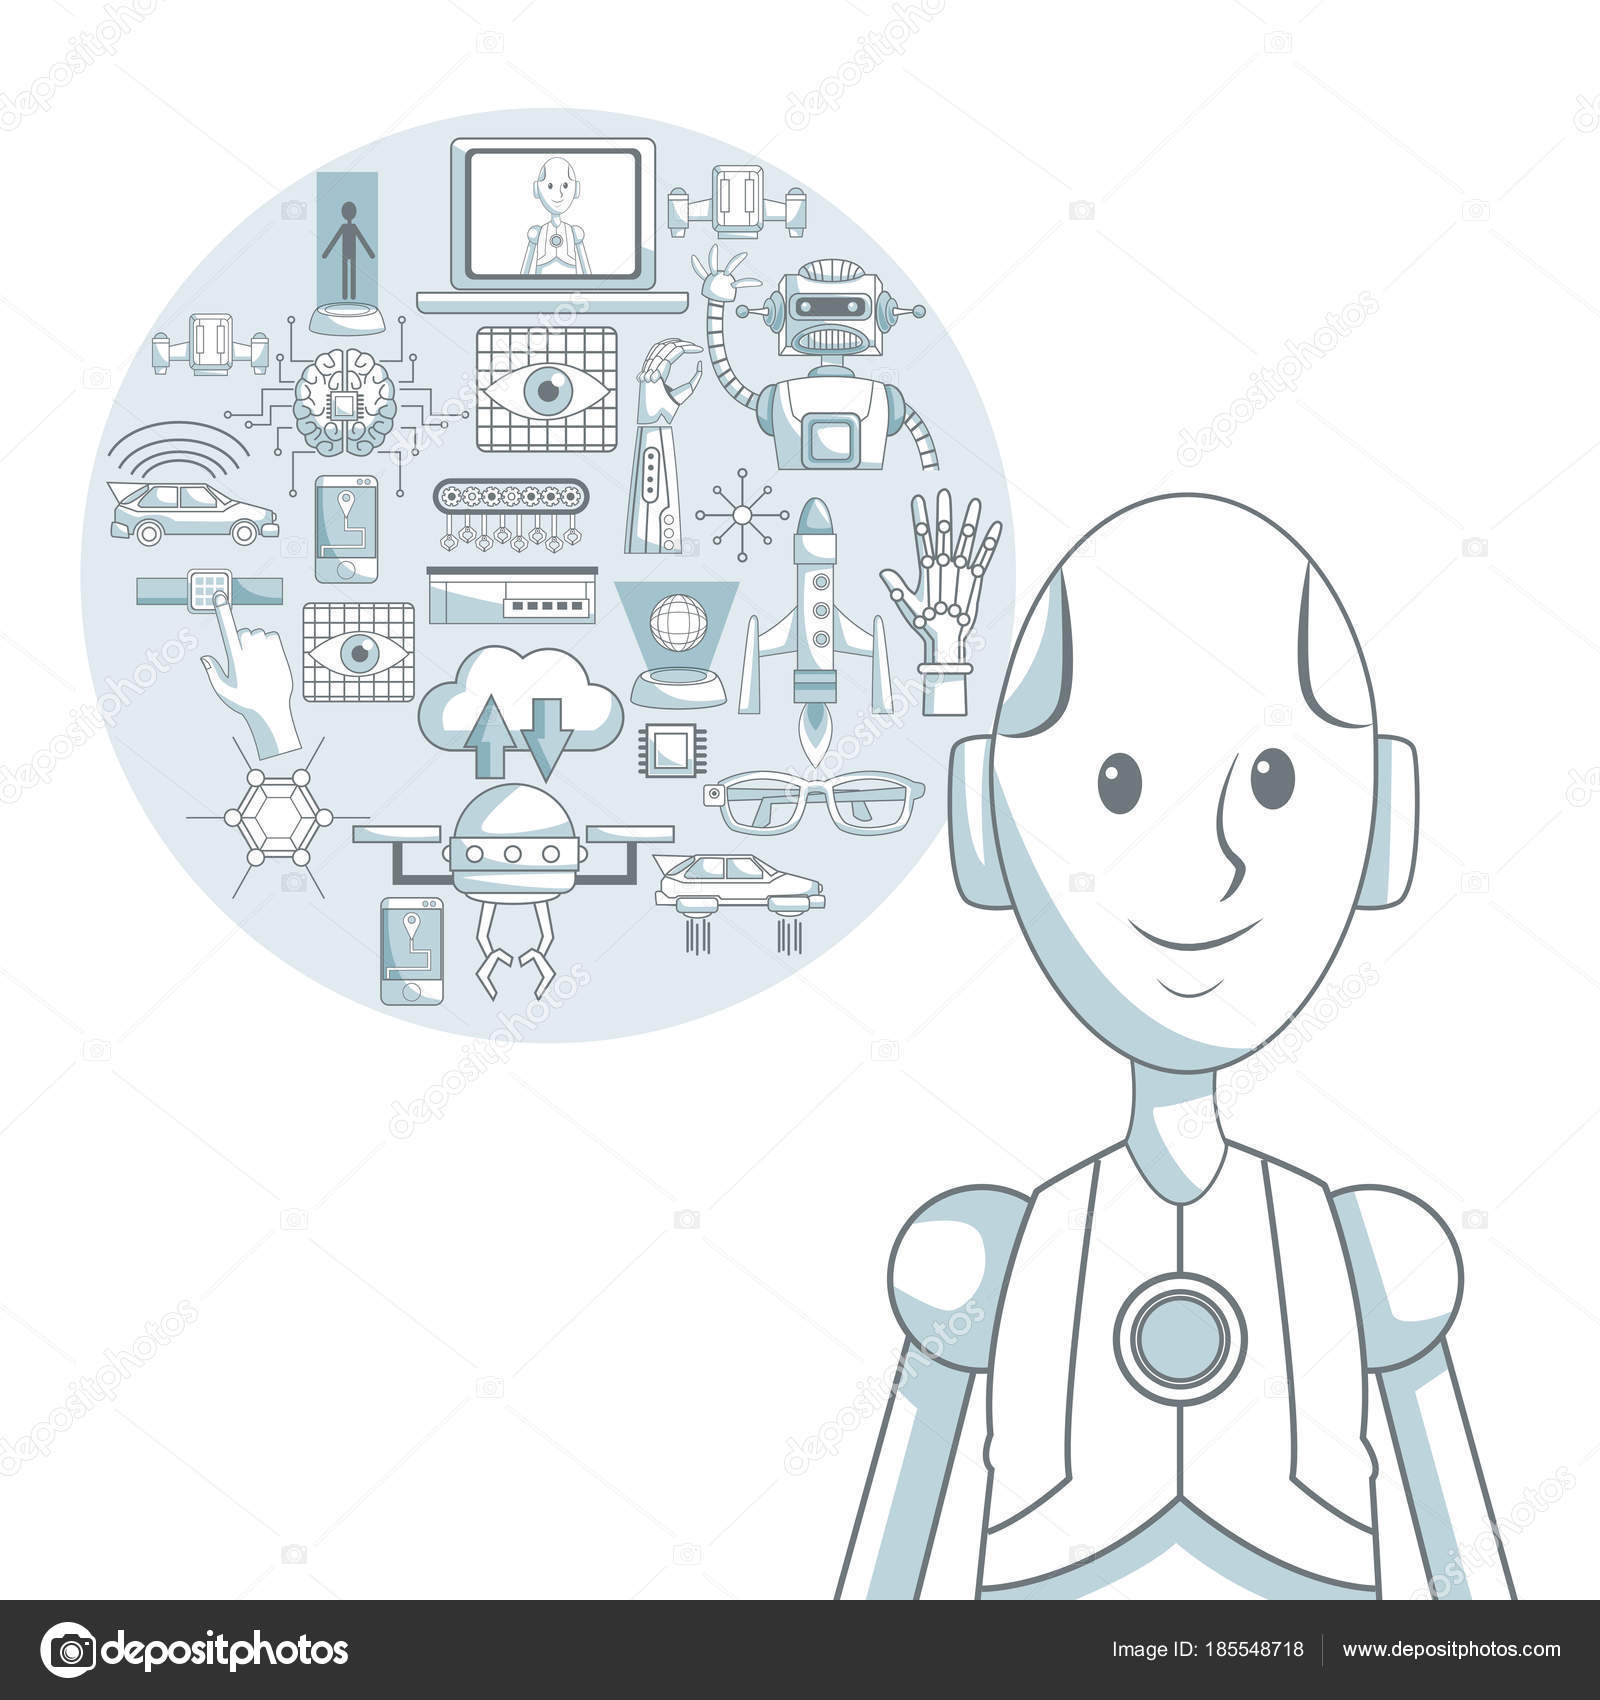 fondo blanco con silueta color secciones sombreado closeup robot y ...